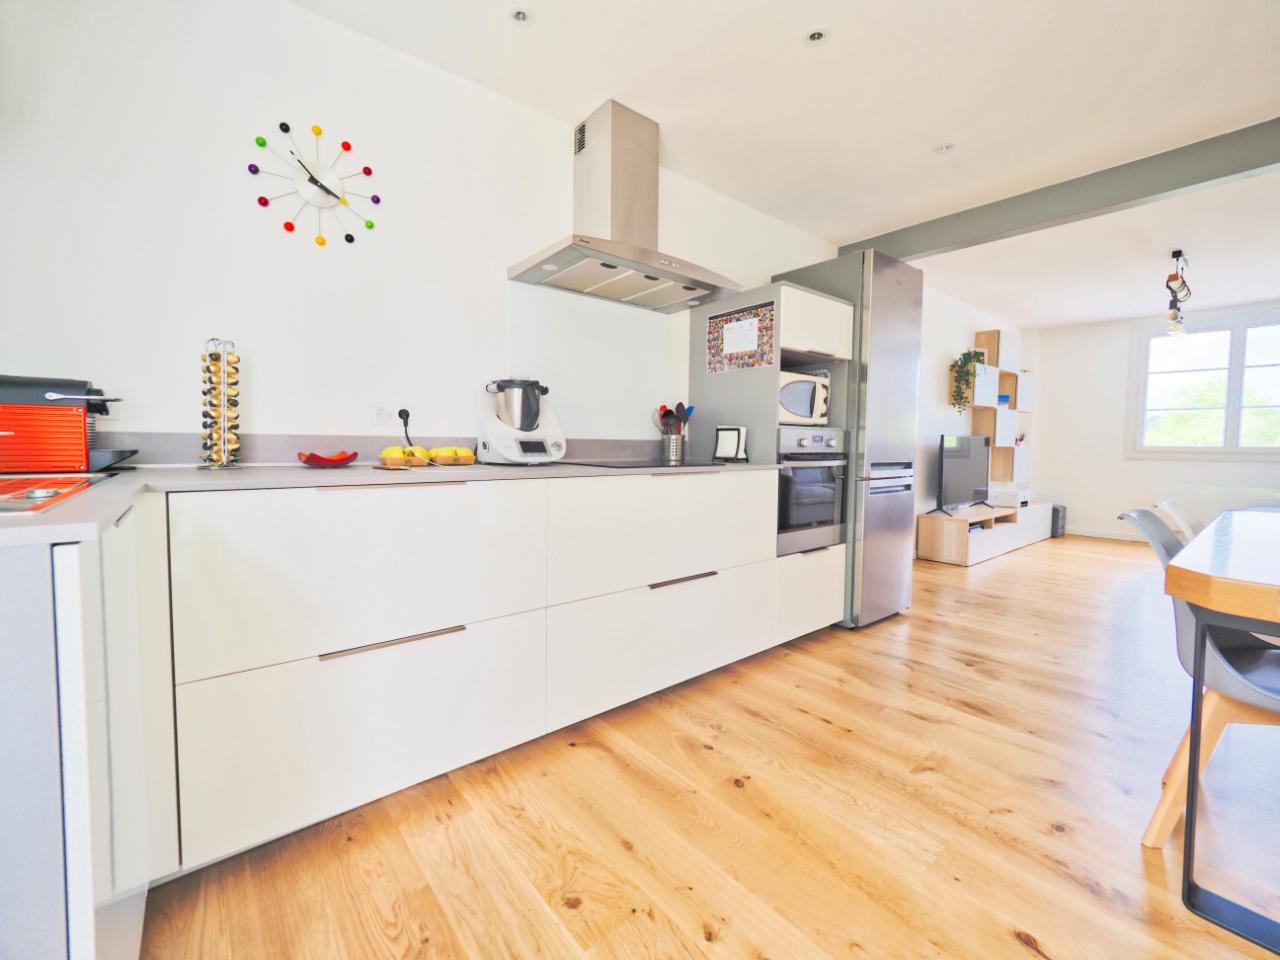 vente appartement à ASCAIN - 270 000